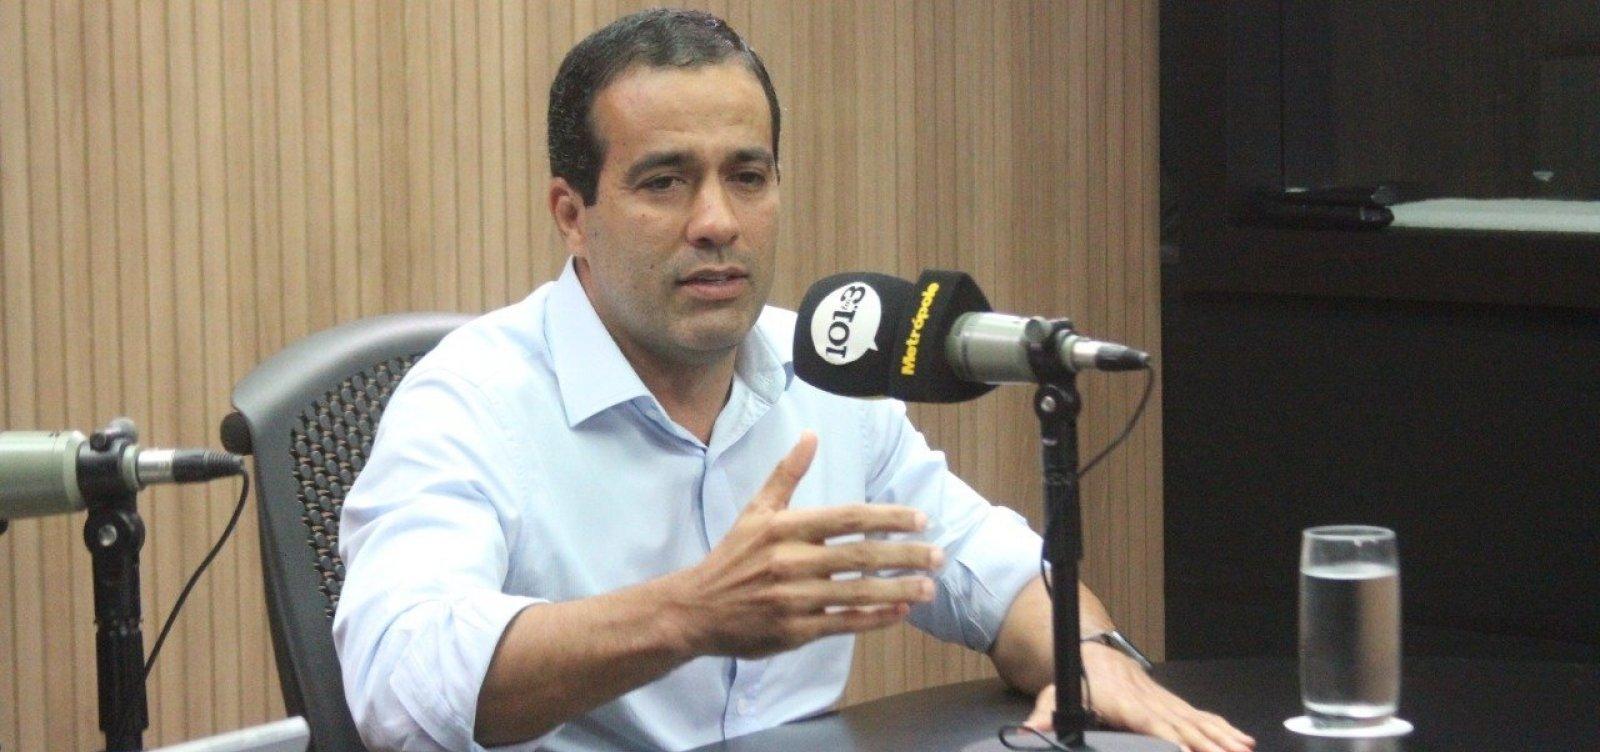 [Eleições 2020: 'Não teria dificuldade nenhuma', diz Bruno Reis sobre aceitar a vice]